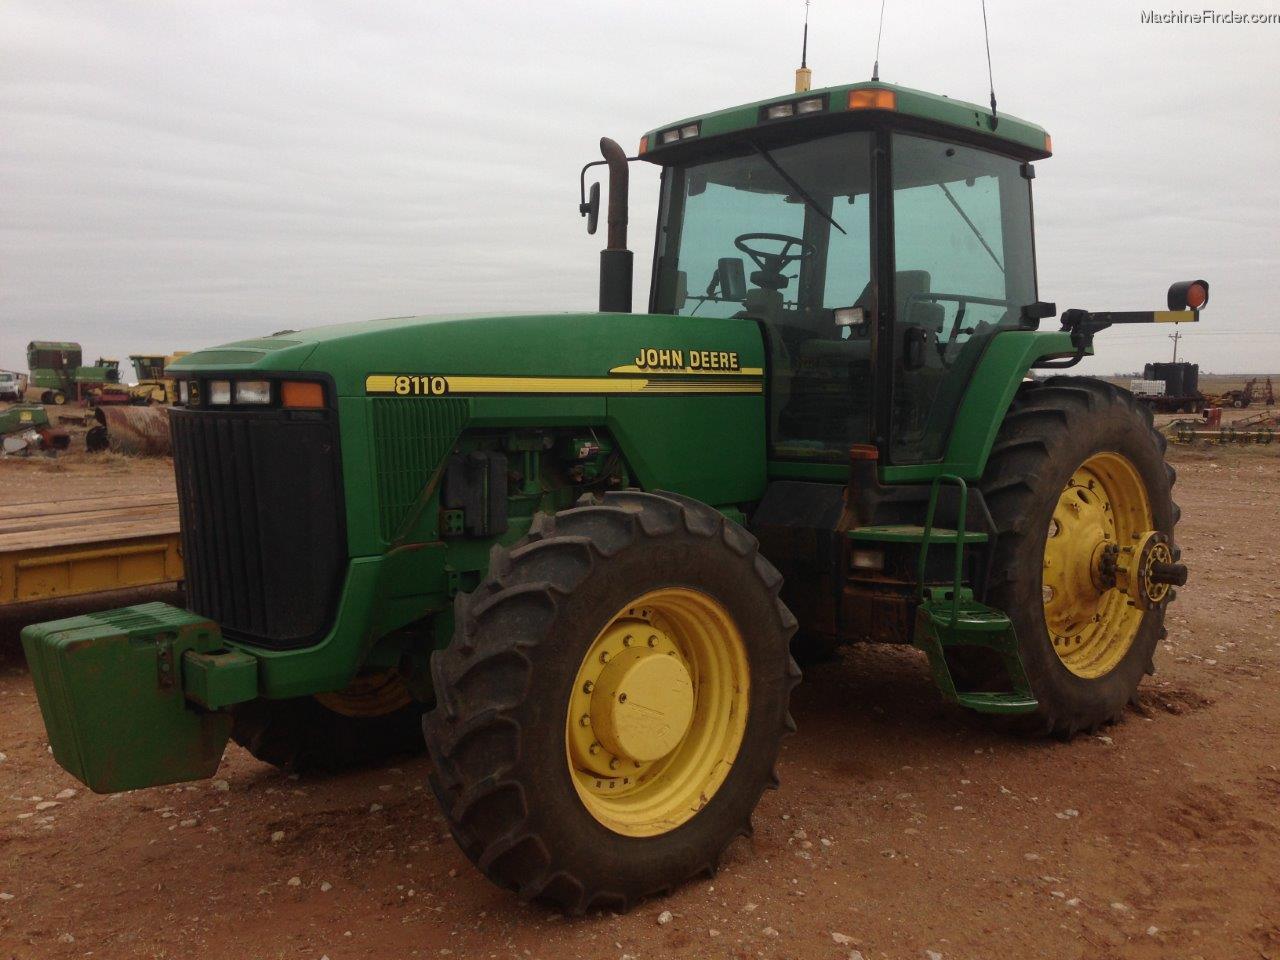 1999 John Deere 8110 Tractors - Row Crop (+100hp) - John ...